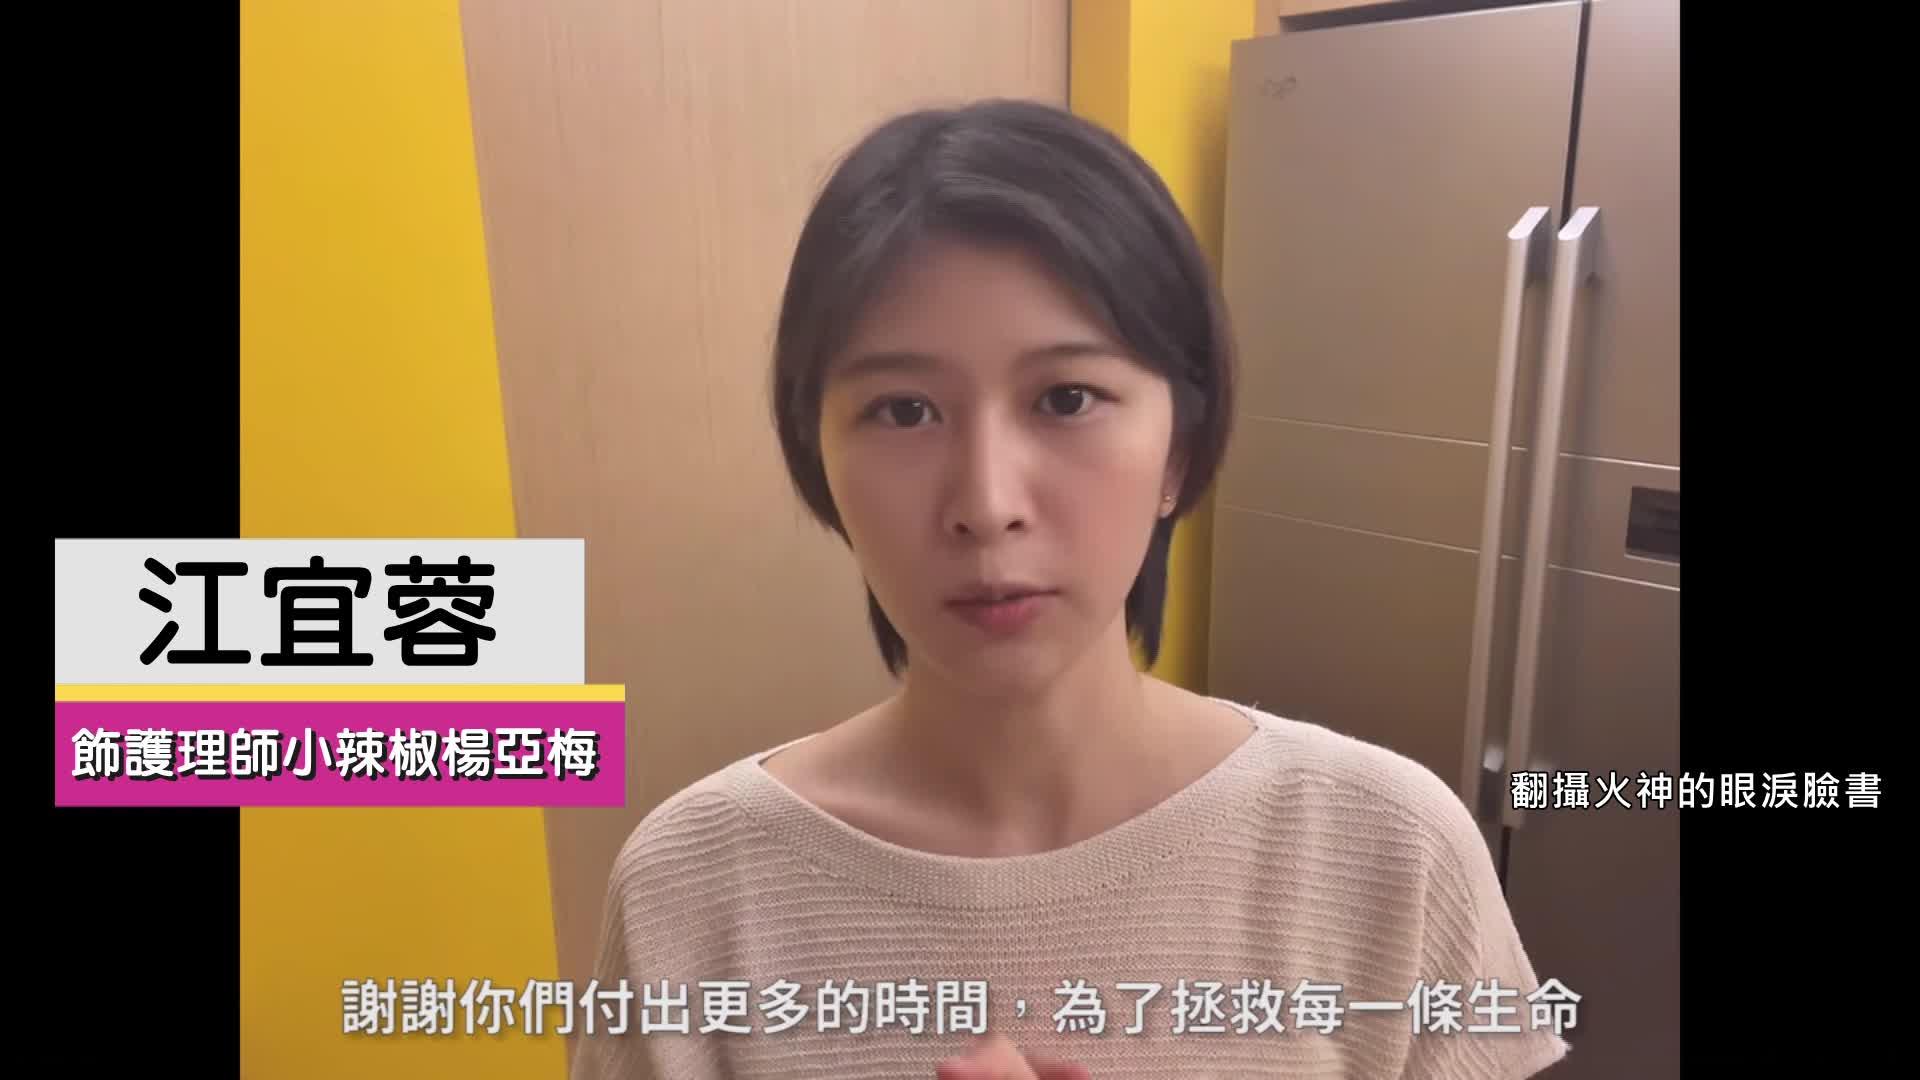 《火神的眼淚》同安分隊集合出任務! 溫昇豪、陳庭妮、林柏宏暖心片挺消防醫護|鏡週刊